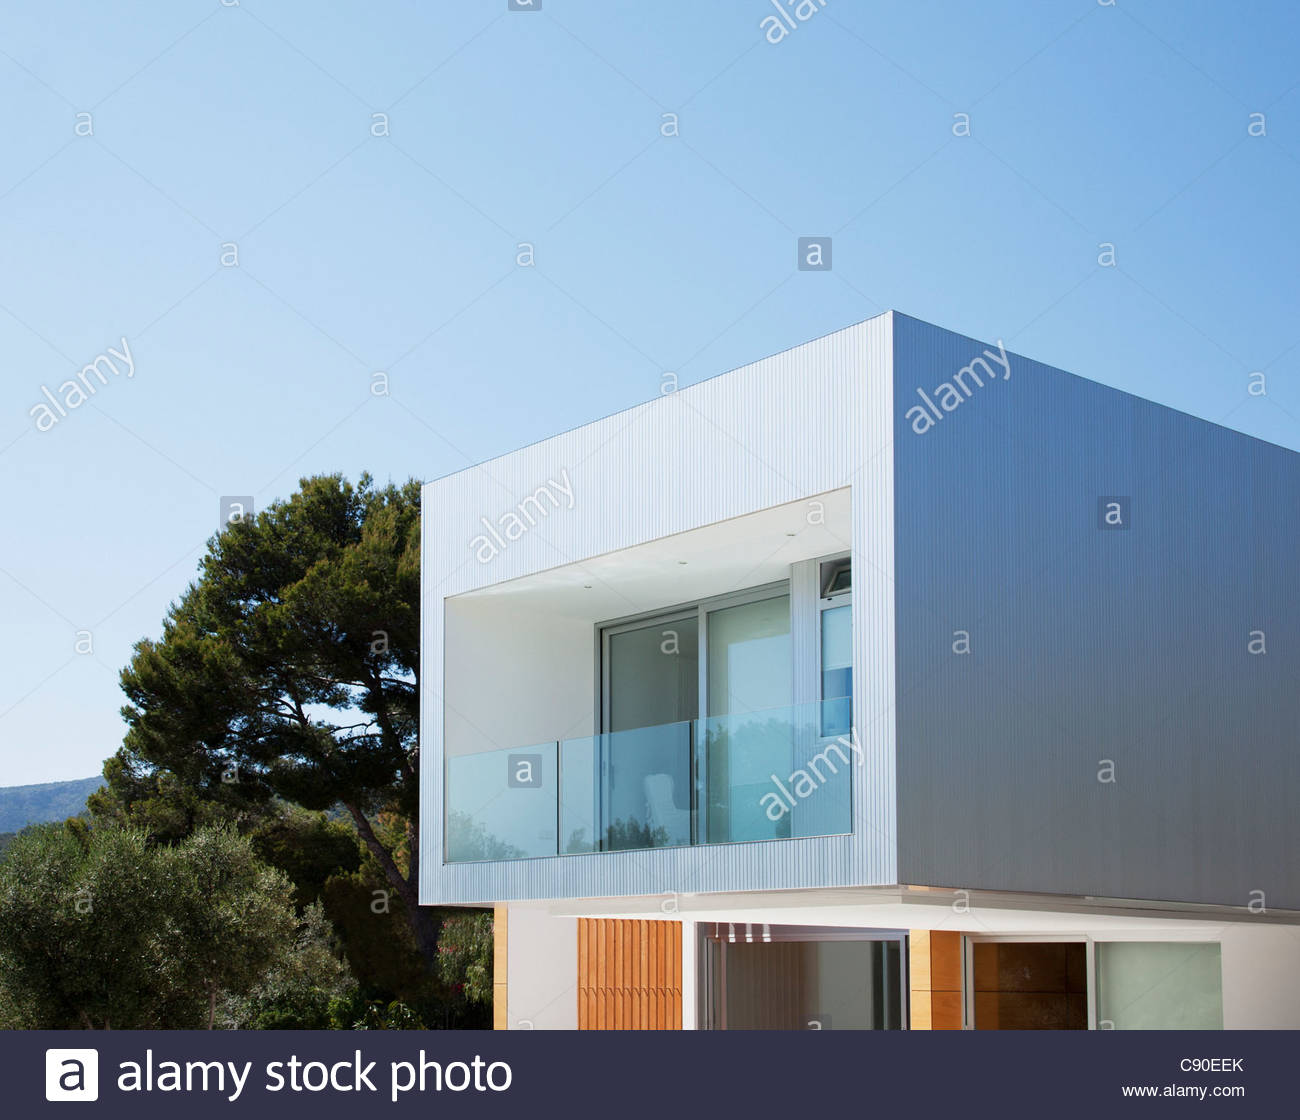 Modular Home Stock Photos & Modular Home Stock Images - Alamy